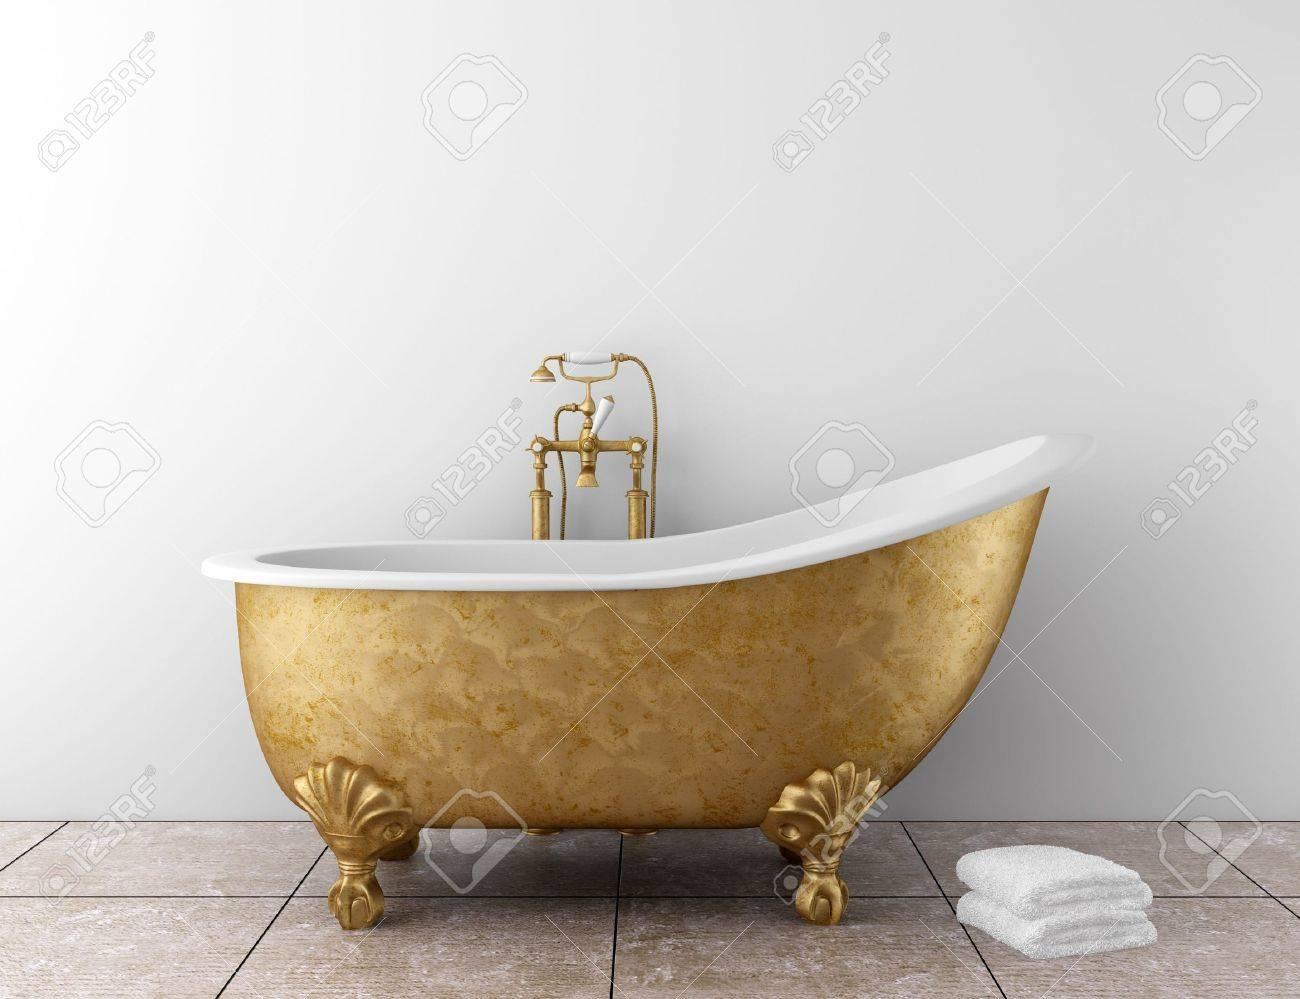 klassische badezimmer mit alten badewanne und white wall